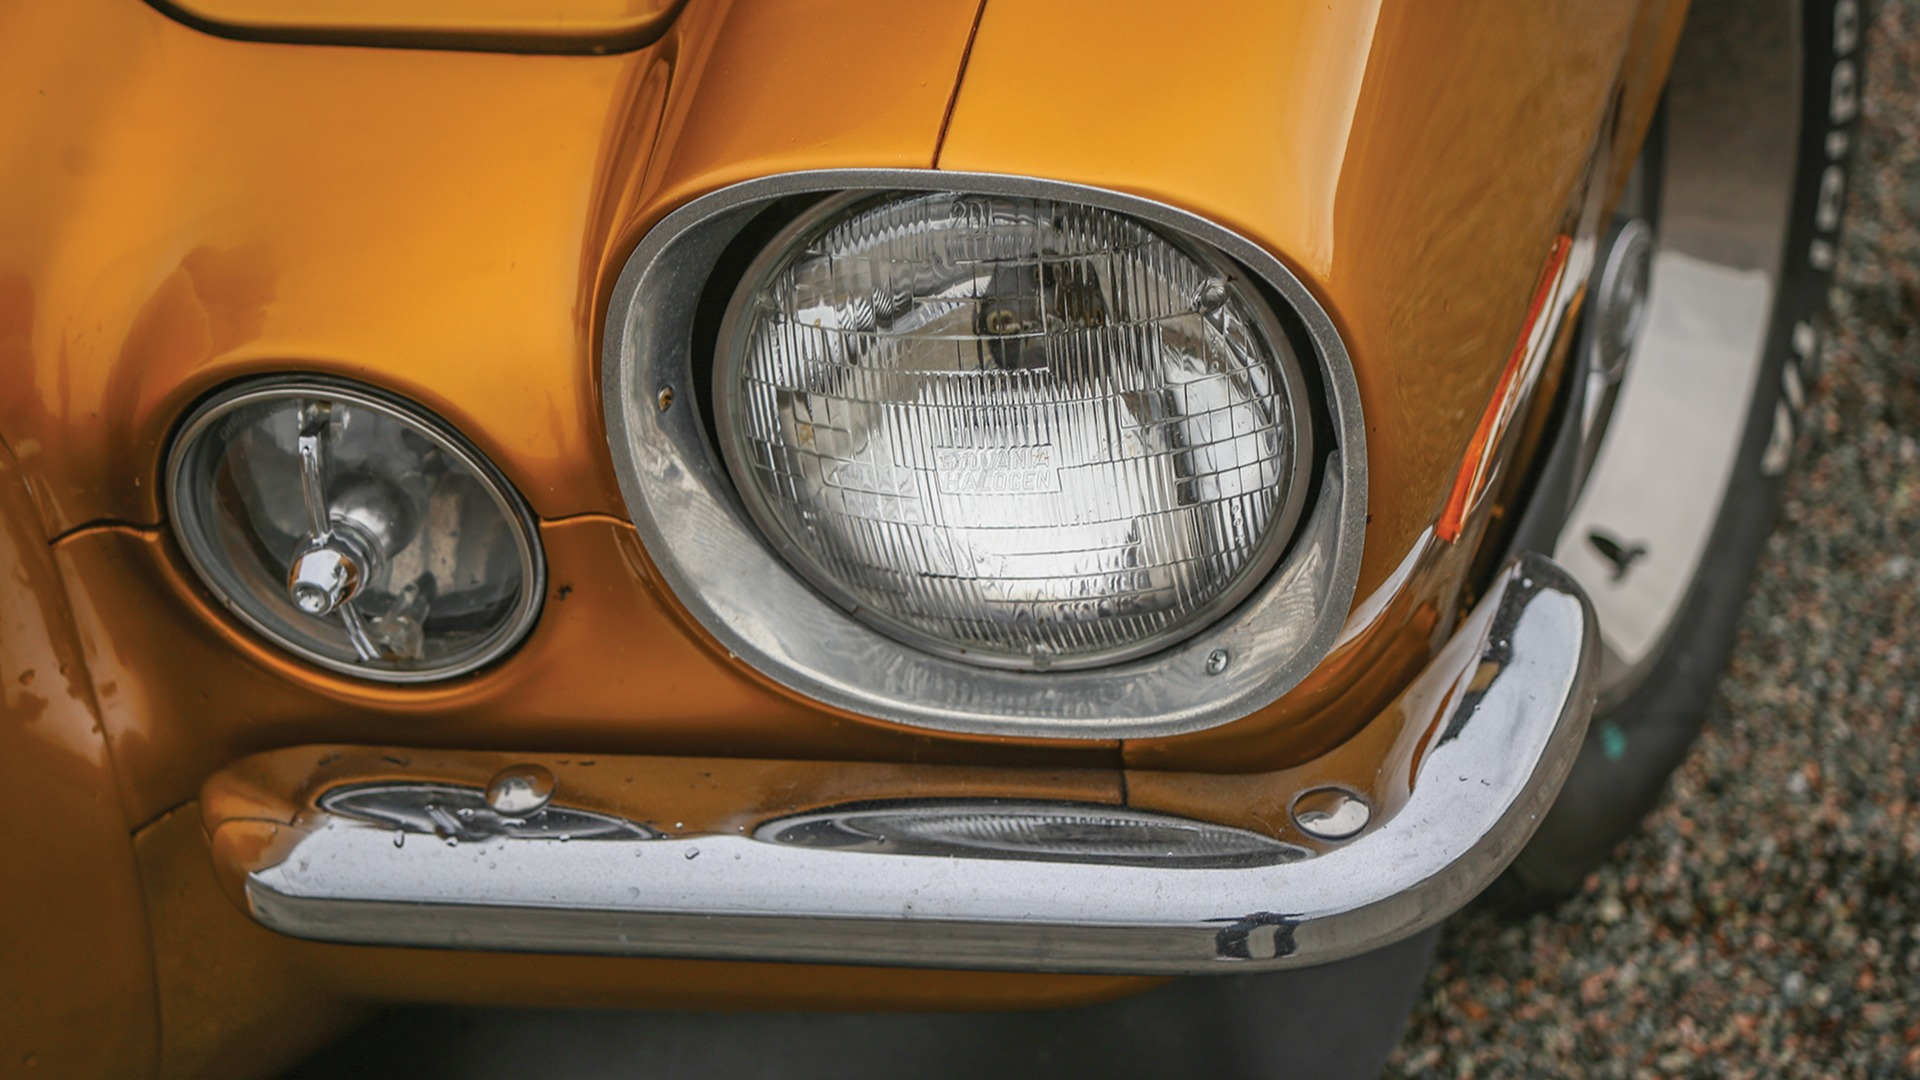 Andregenerasjon Camaro har svært karakteristiske frontlykter.